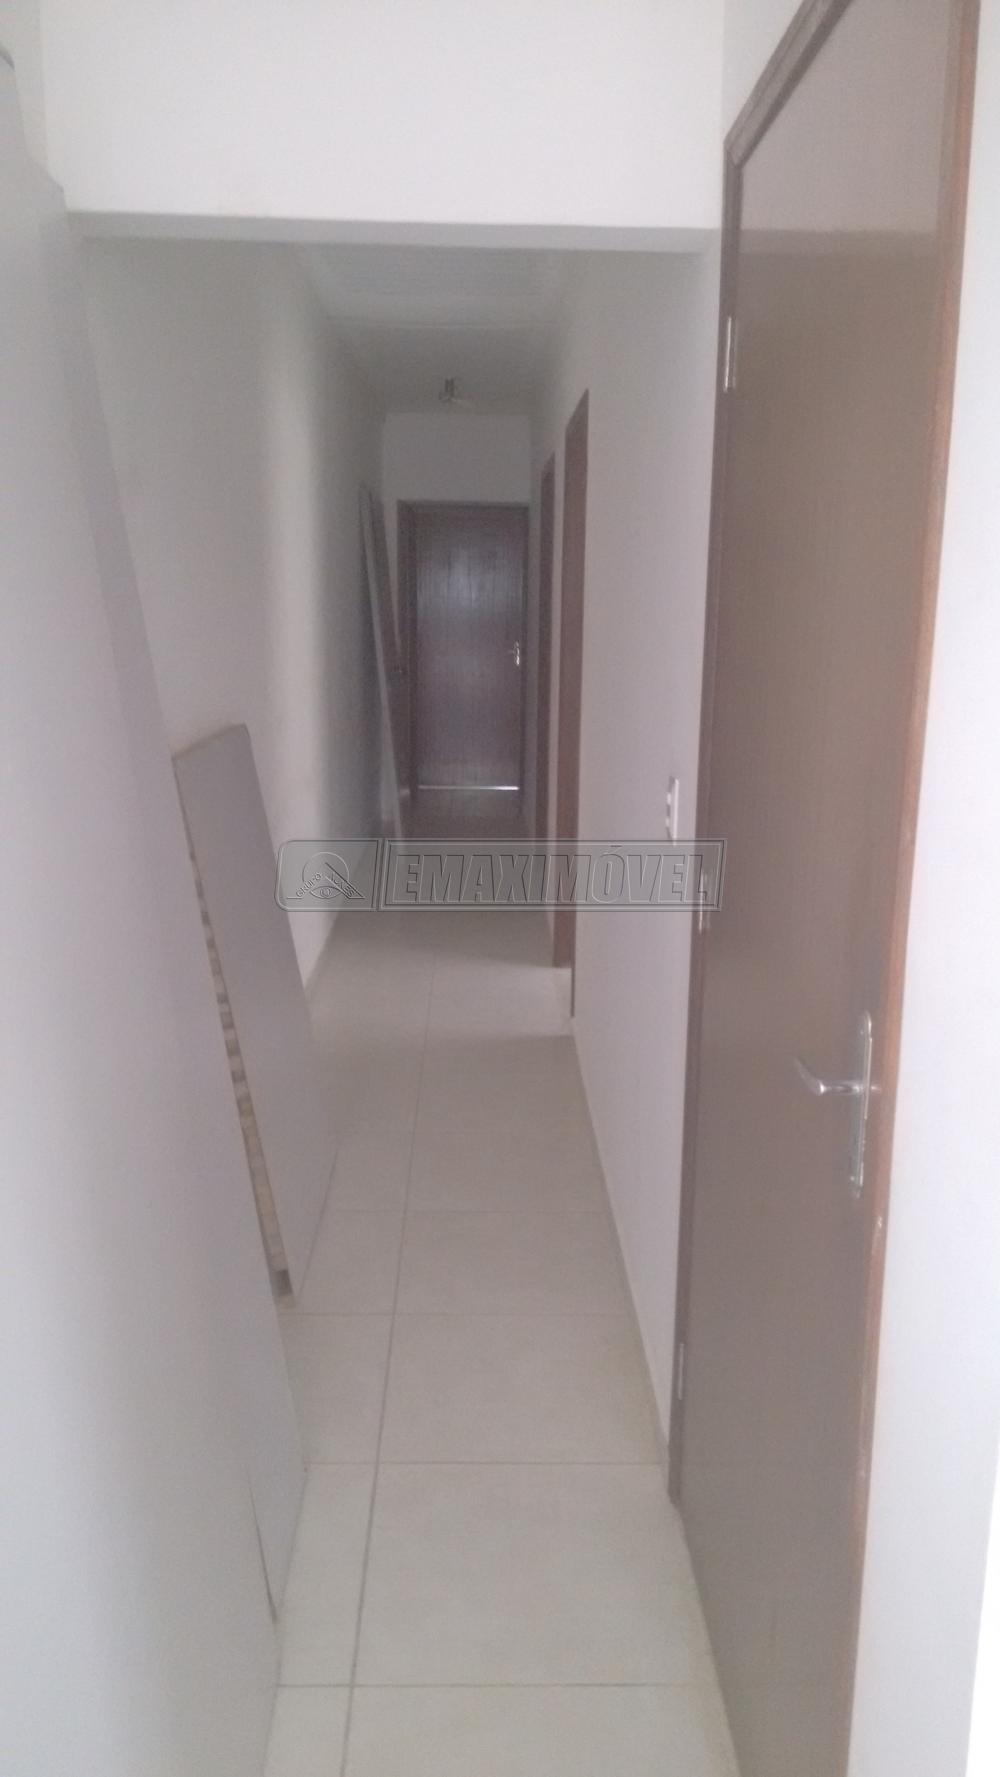 Alugar Casa / Finalidade Comercial em Sorocaba R$ 1.200,00 - Foto 4